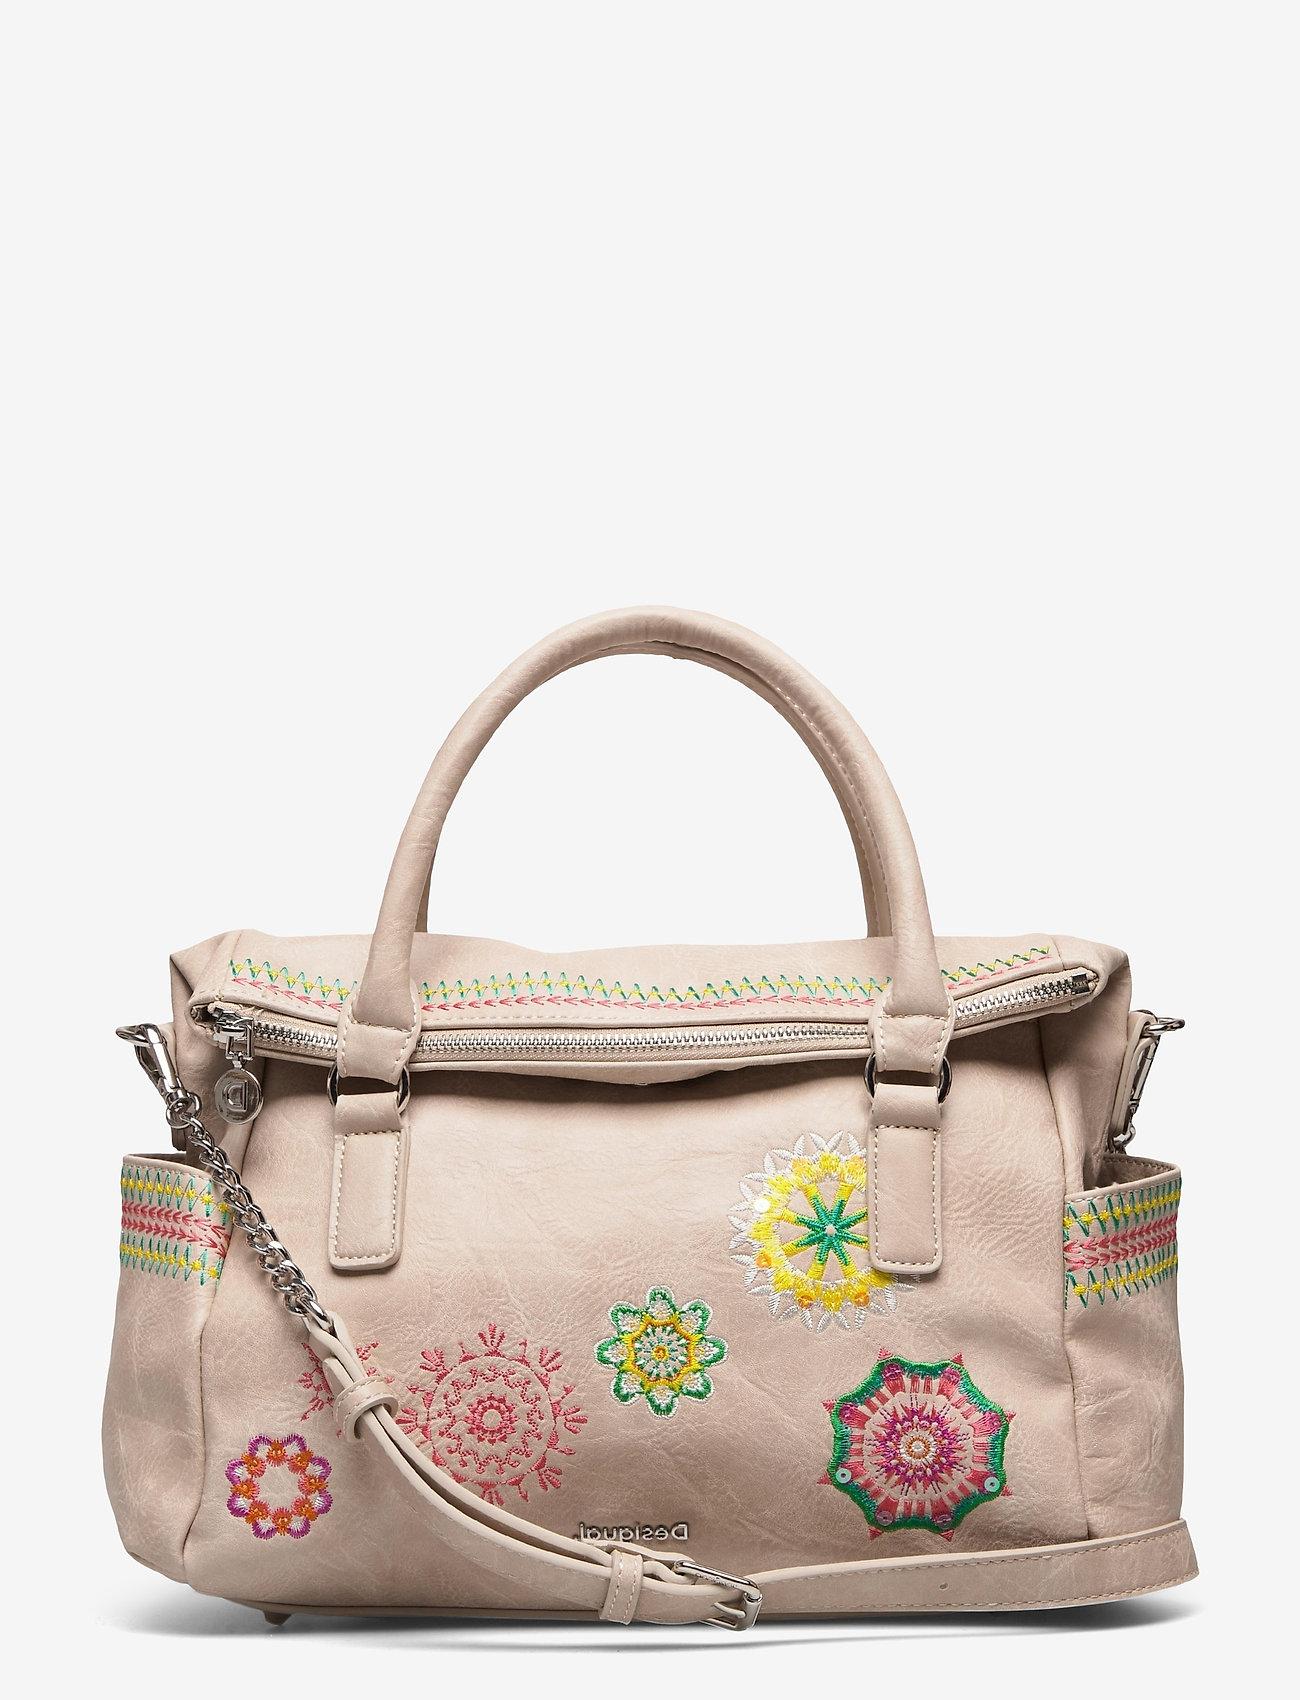 Desigual Accessories - BOLS CARLINA LOVERTY - handväskor - crema - 0